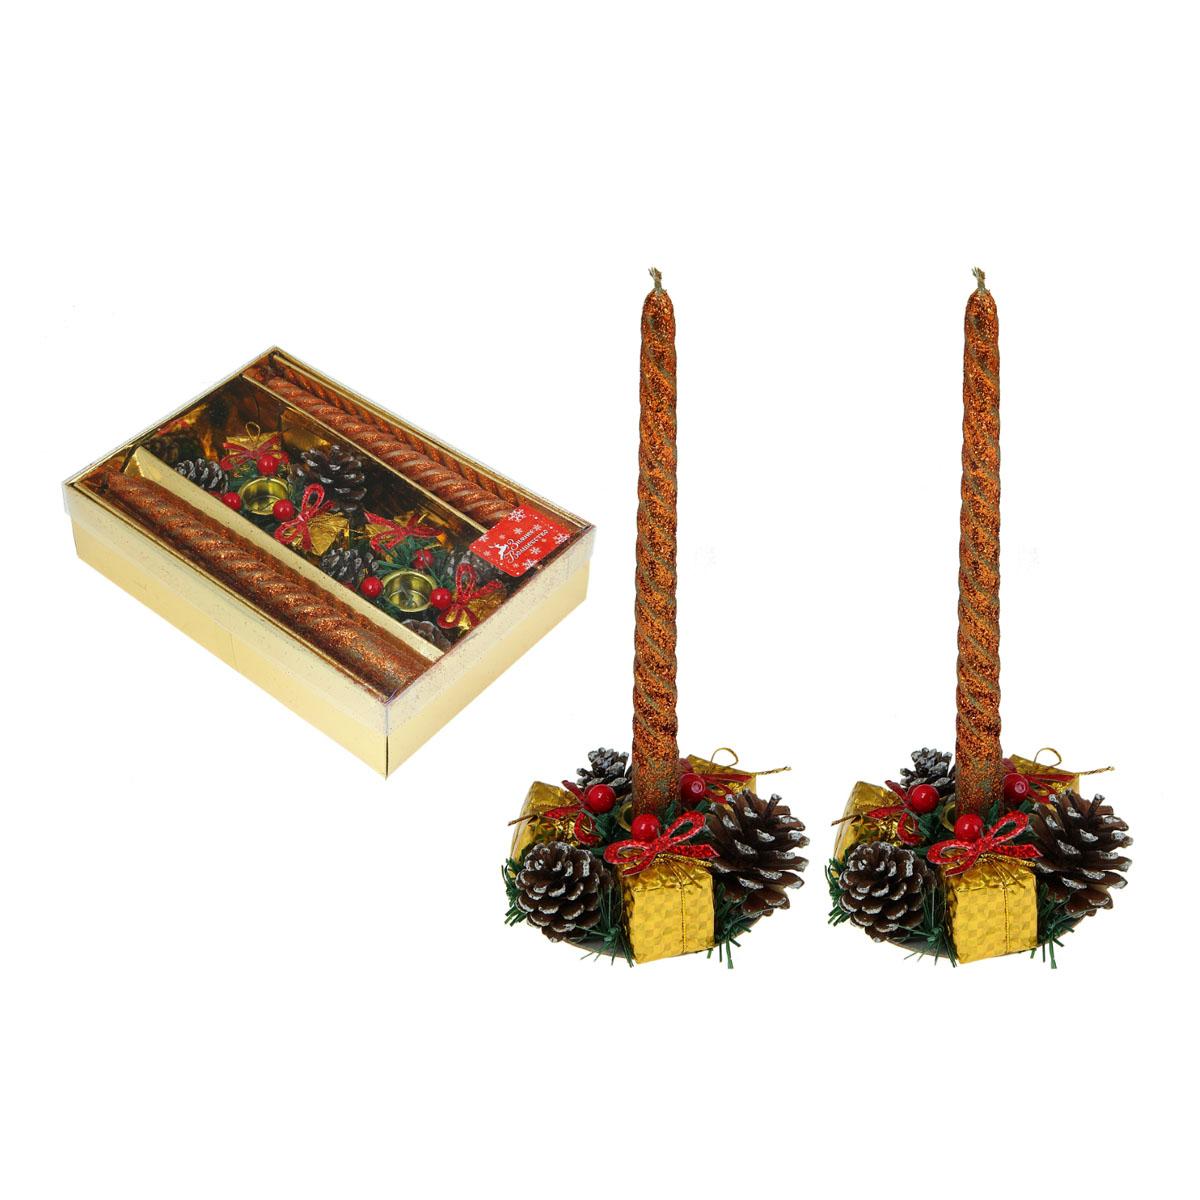 Набор подсвечников Sima-land Шишки и подарки, со свечами, цвет: золотистый, 4 предмета. 826098826098